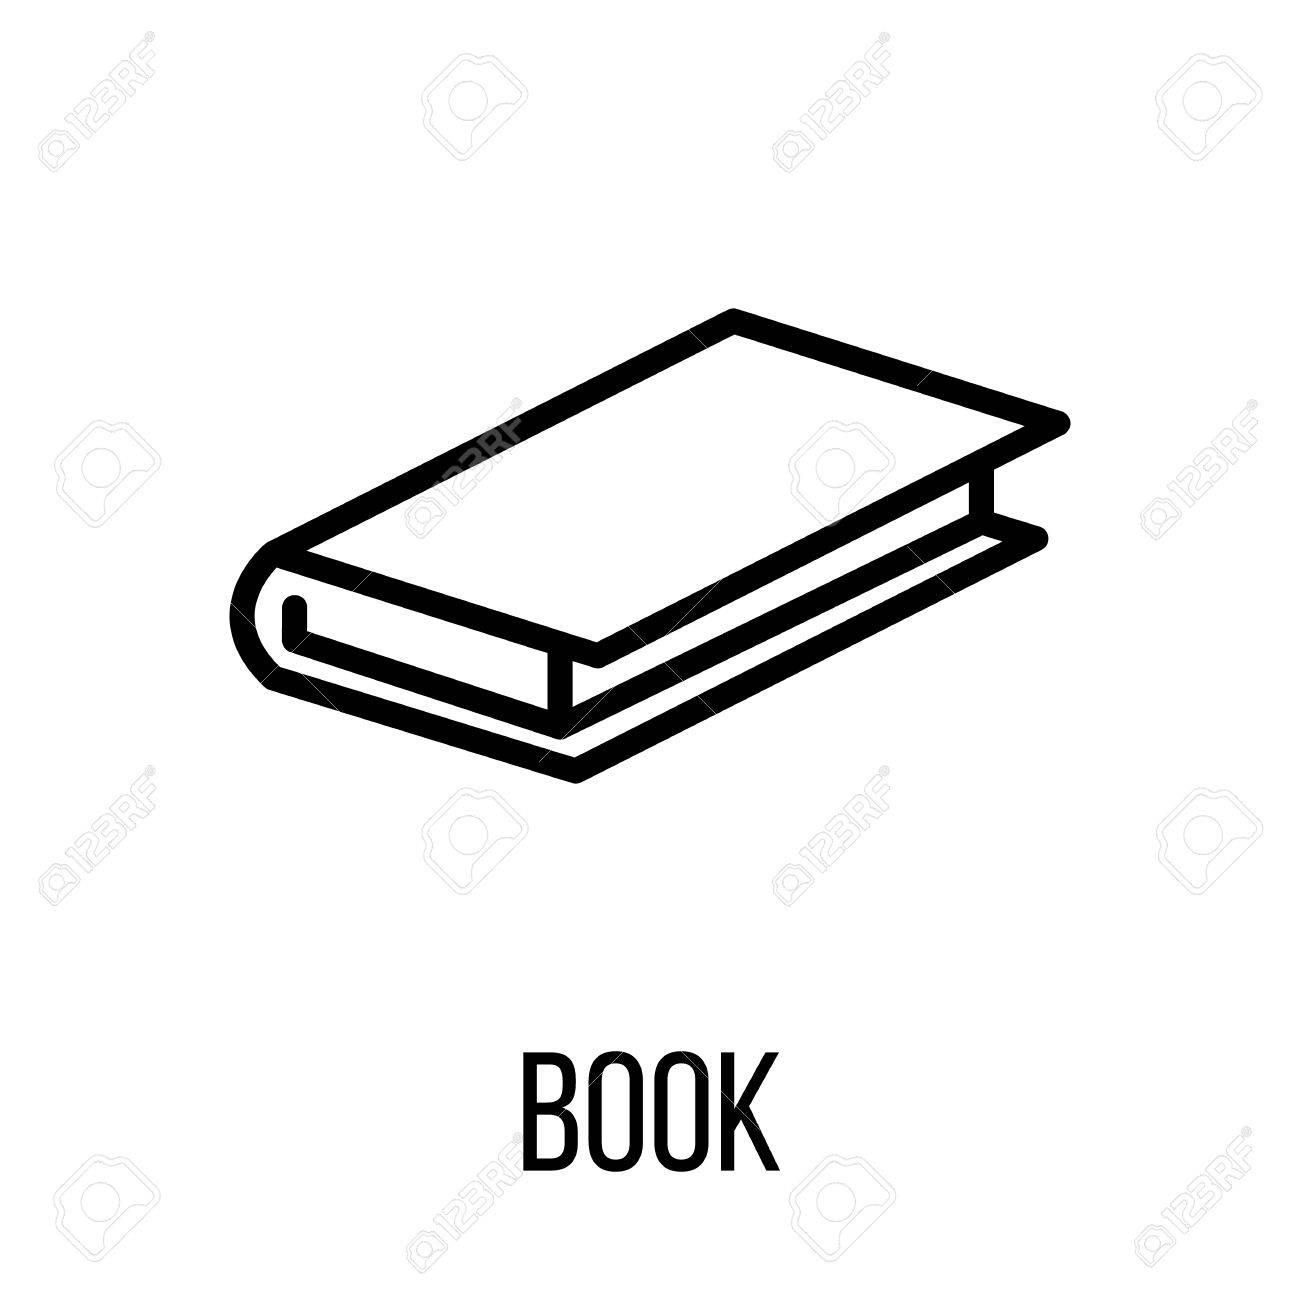 Icone Du Livre Ou Dans Le Style De Ligne Moderne Haute Qualite Contour Noir Pictogramme Pour La Conception De Sites Web Et Les Applications Mobiles